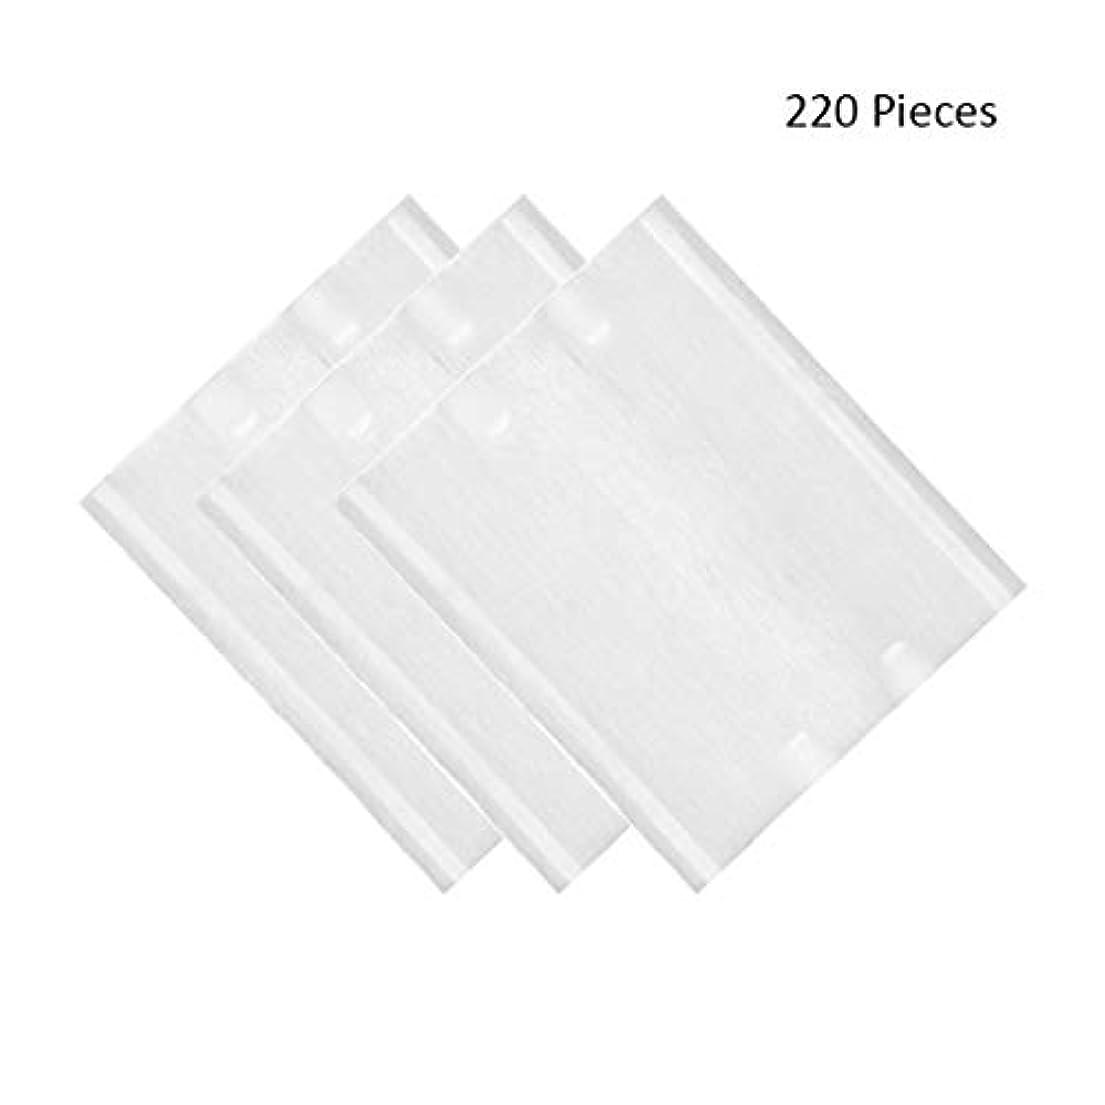 ずんぐりしたダルセットアーサー220ピース/パックフェイスメイクリムーバーソフト化粧コットンパッド両面スキンケアクレンジングコットンパッドリムーバーワイプ (Color : White, サイズ : 6*5cm)